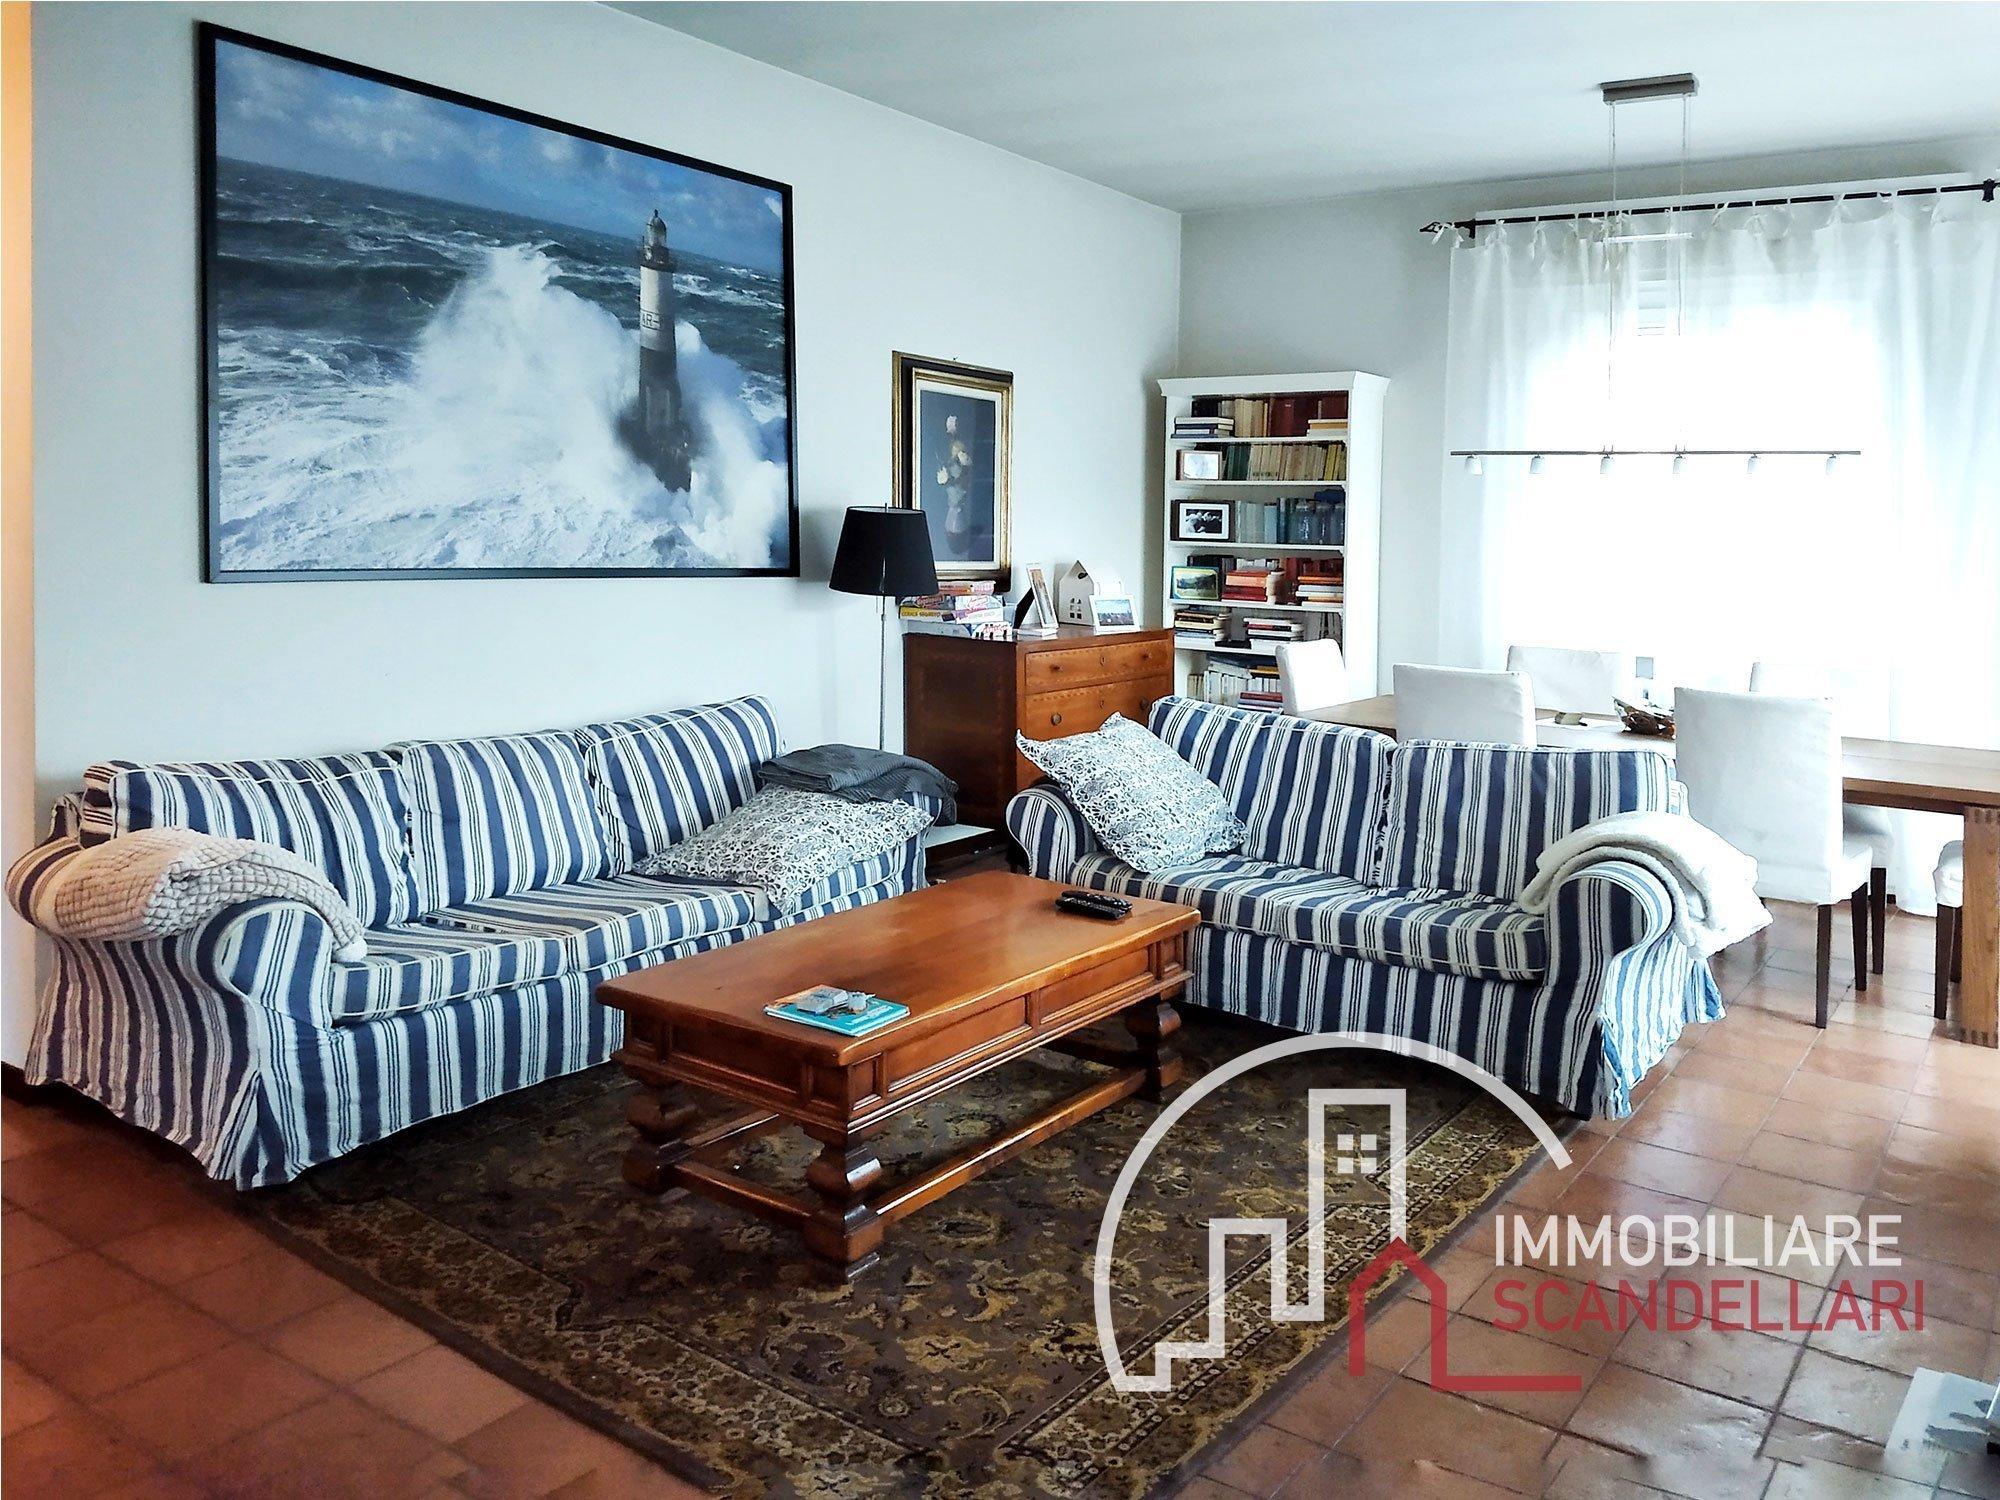 Rimini - Lagomaggio - Due appartamenti in casa bifamiliare - Immobiliare Scandellari